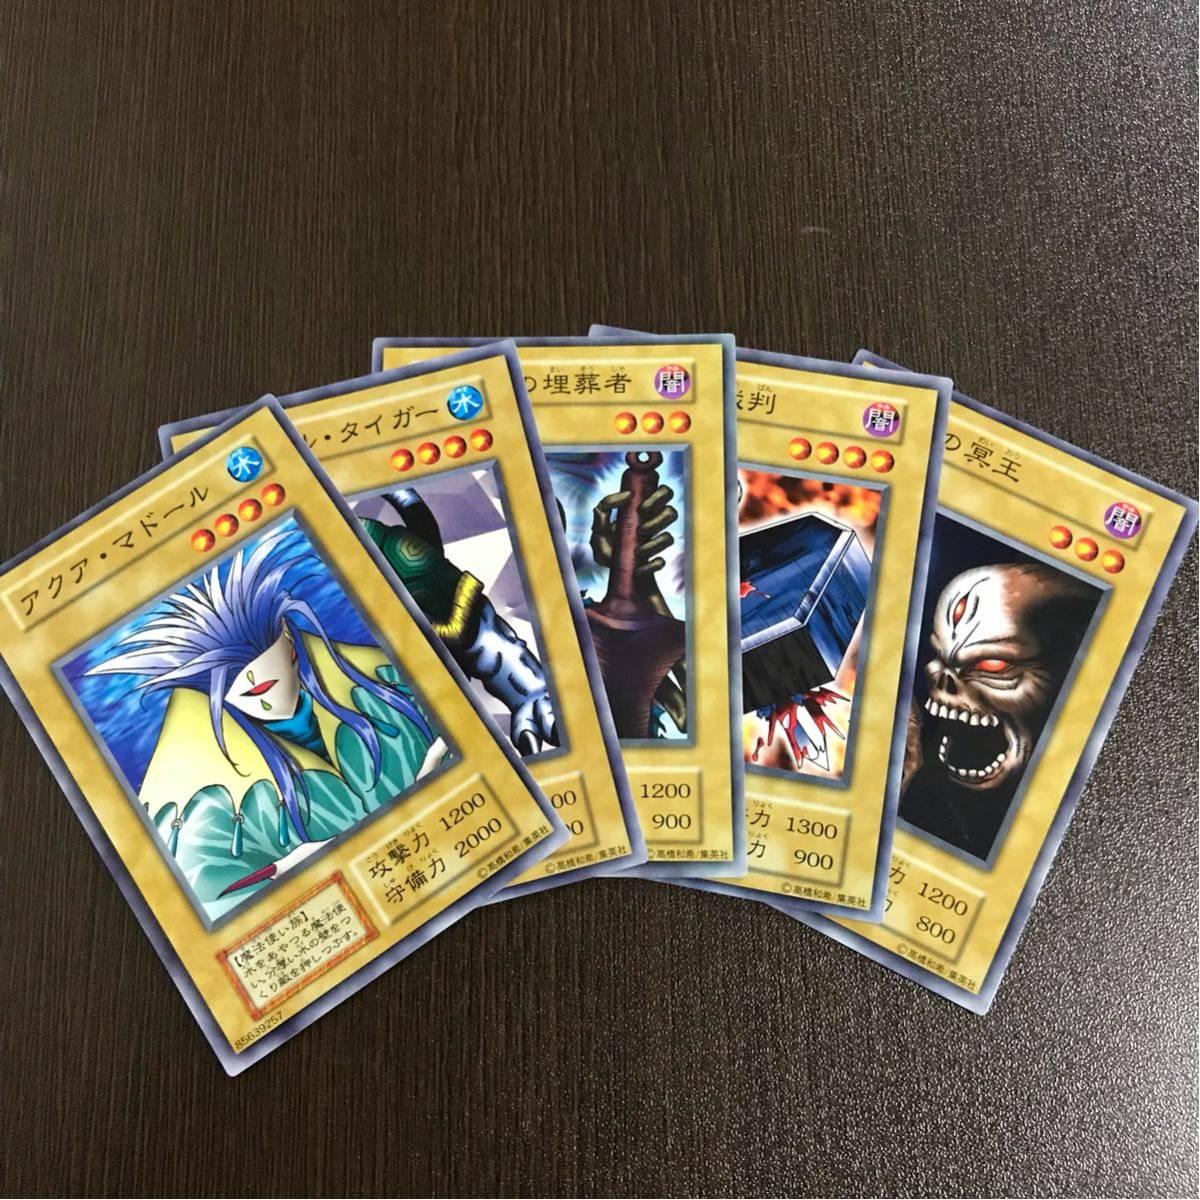 遊戯王 美品 劇場版 スターターボックス 限定5000枚 5枚セット